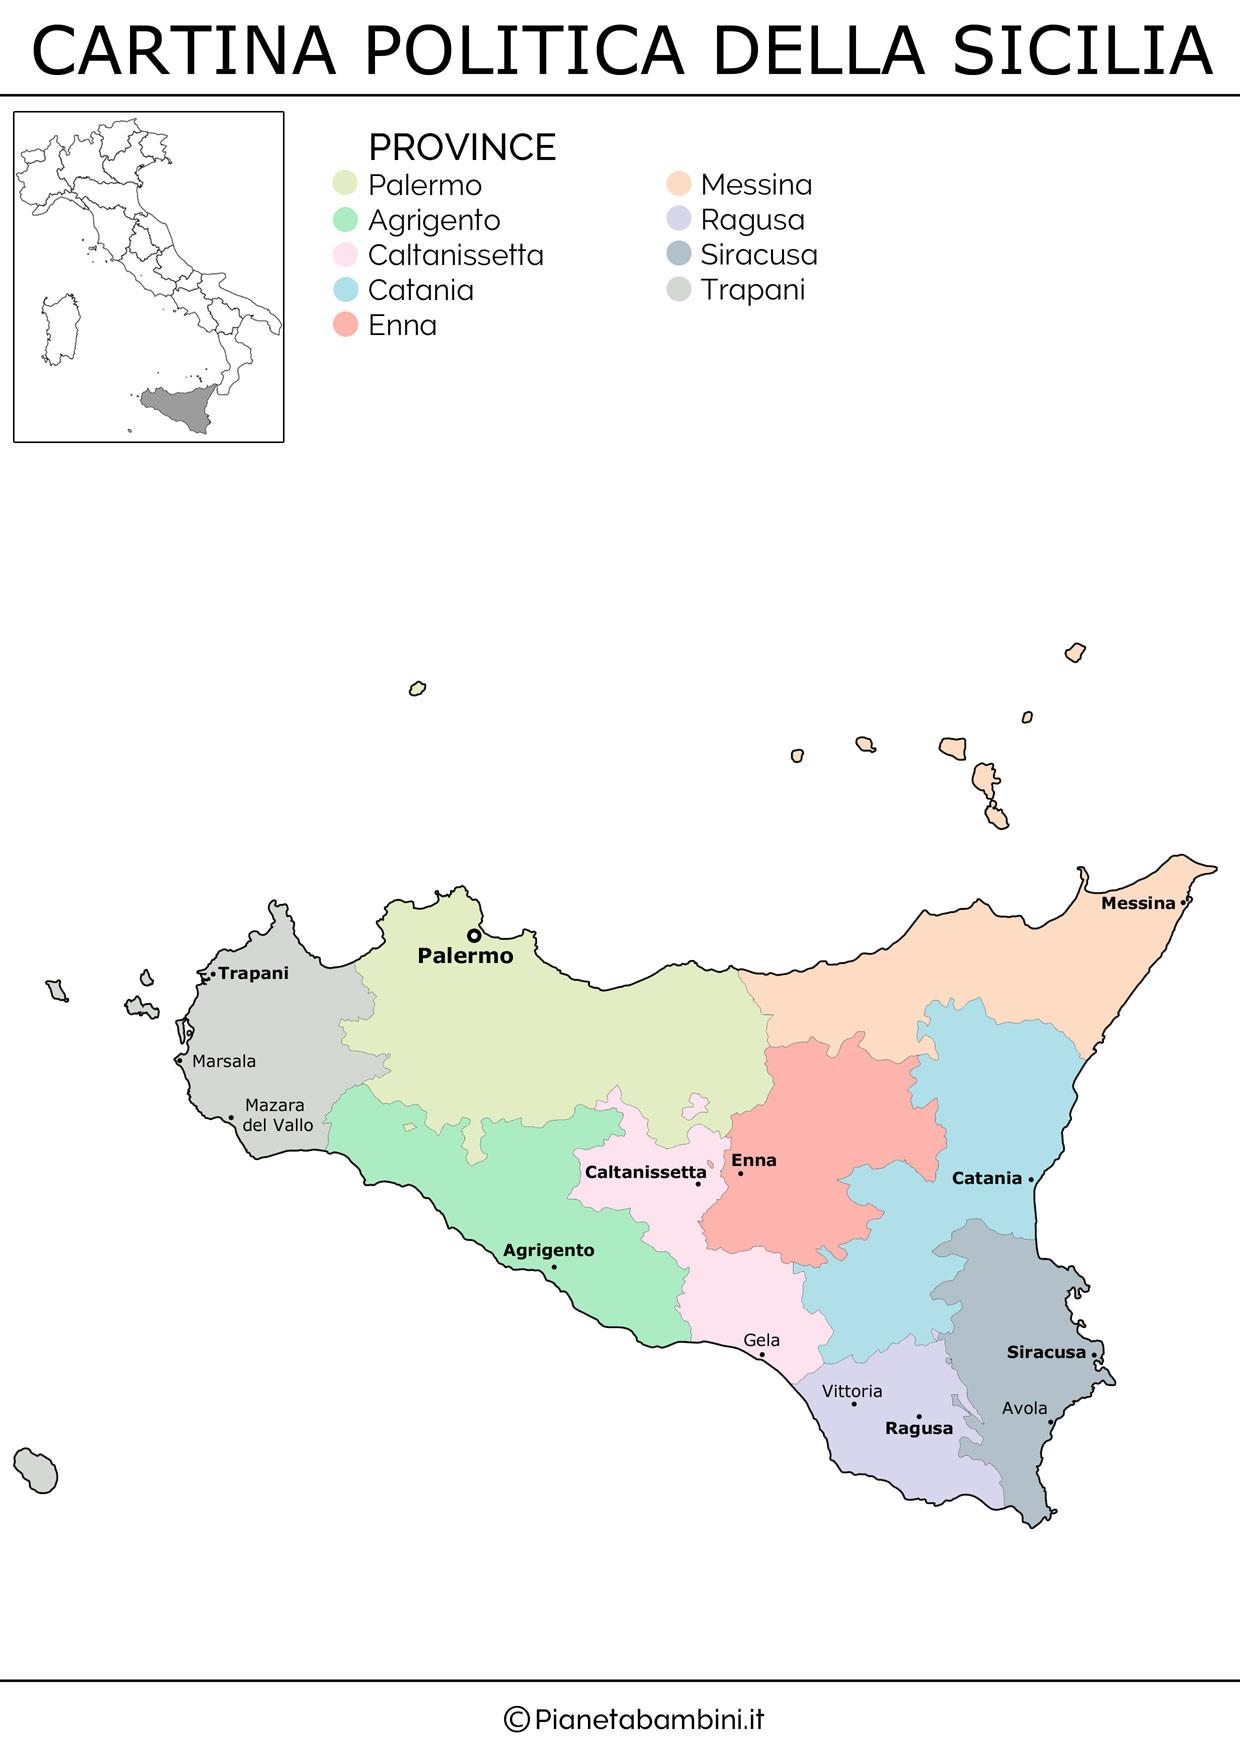 Cartina della Sicilia in versione politica da stampare gratis